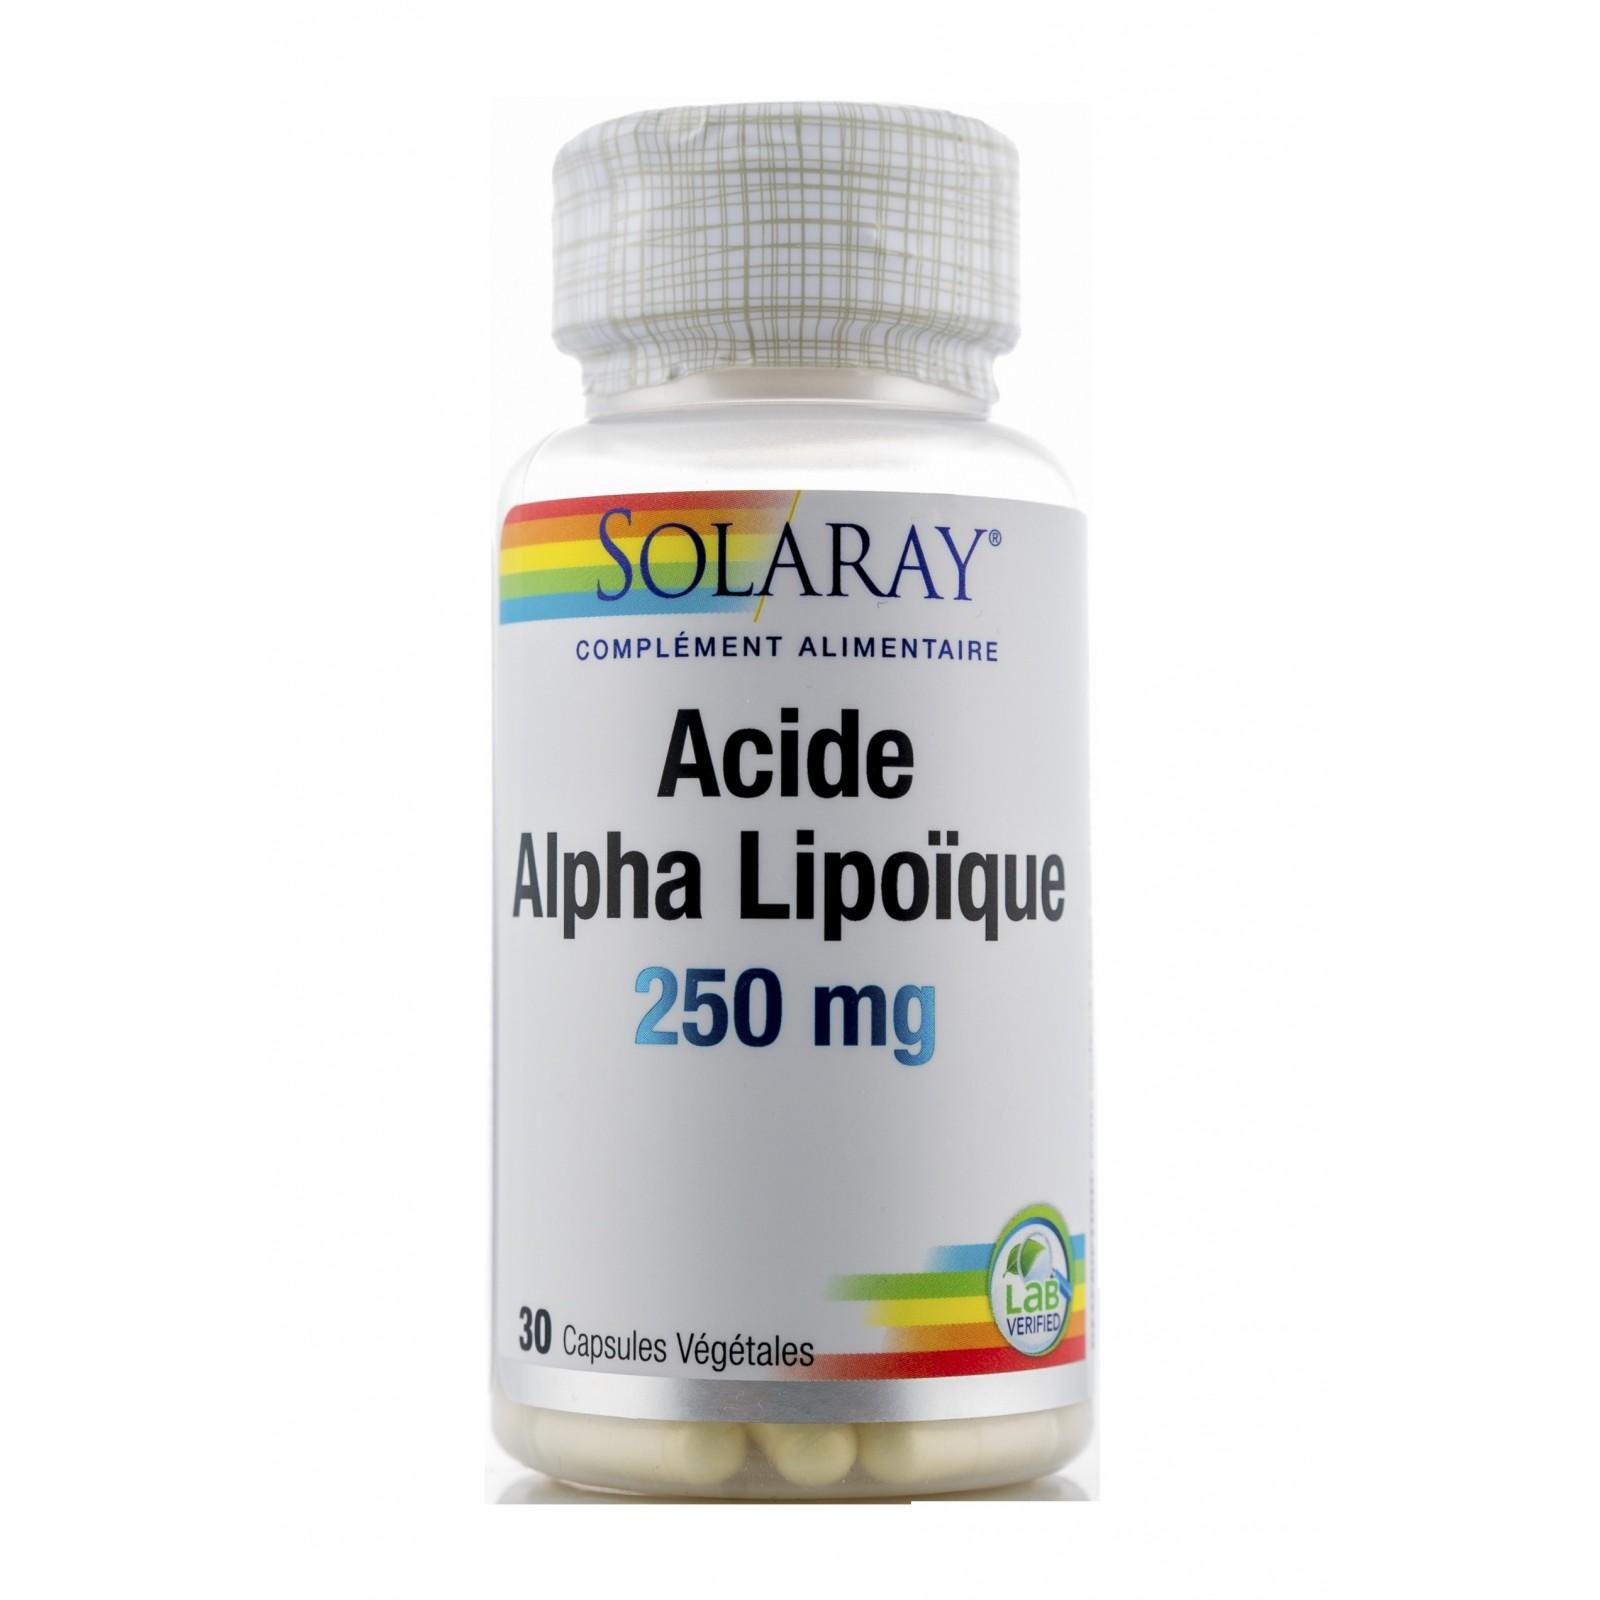 Alpha lipoïque : Un acide avantageux ?